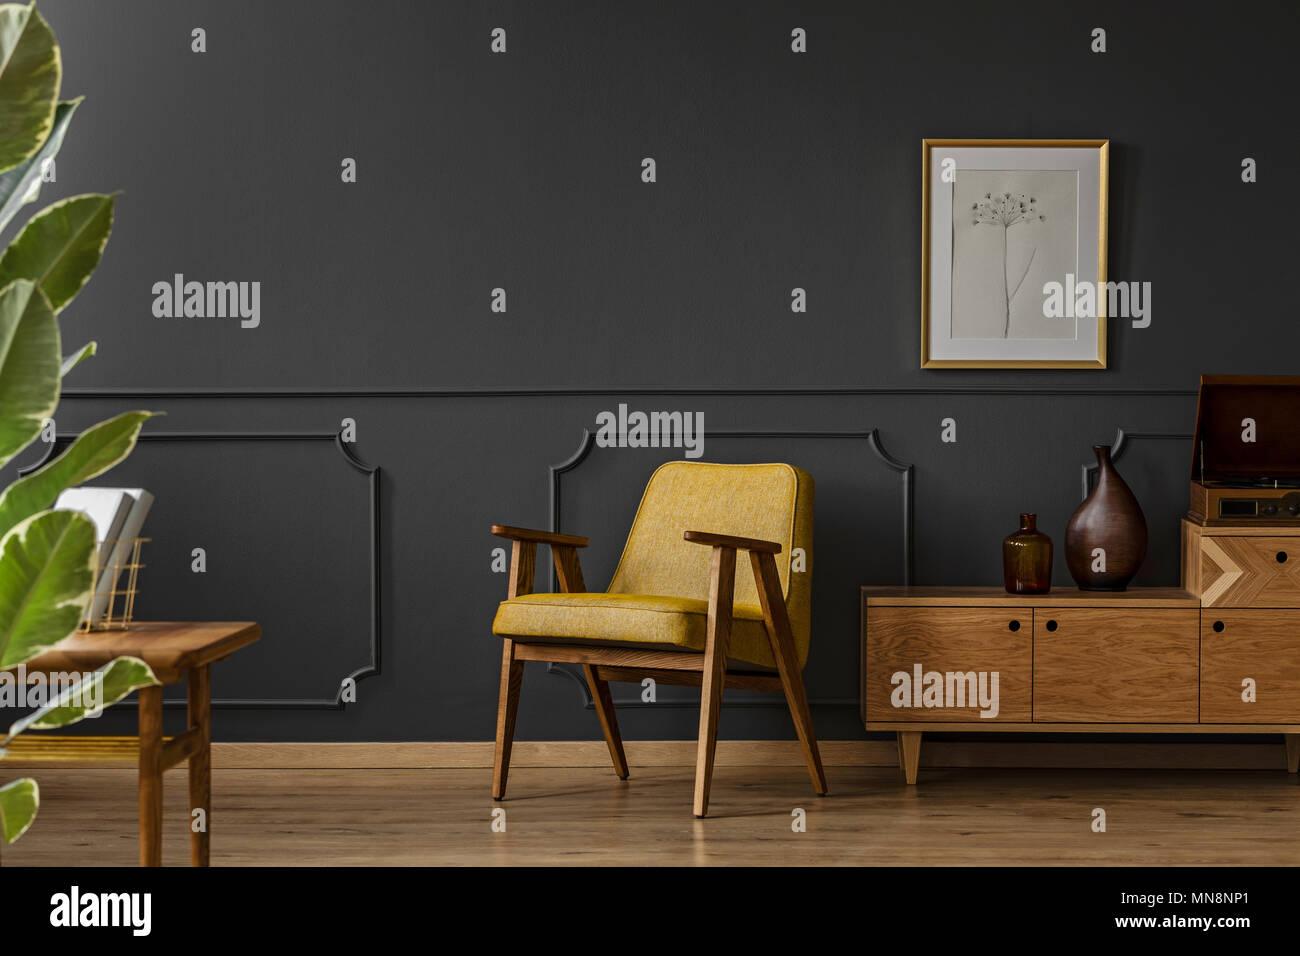 ein geraumiges vintage wohnzimmer einrichtung mit schwarzen wanden holzfussboden gelb stuhl poster und anlage